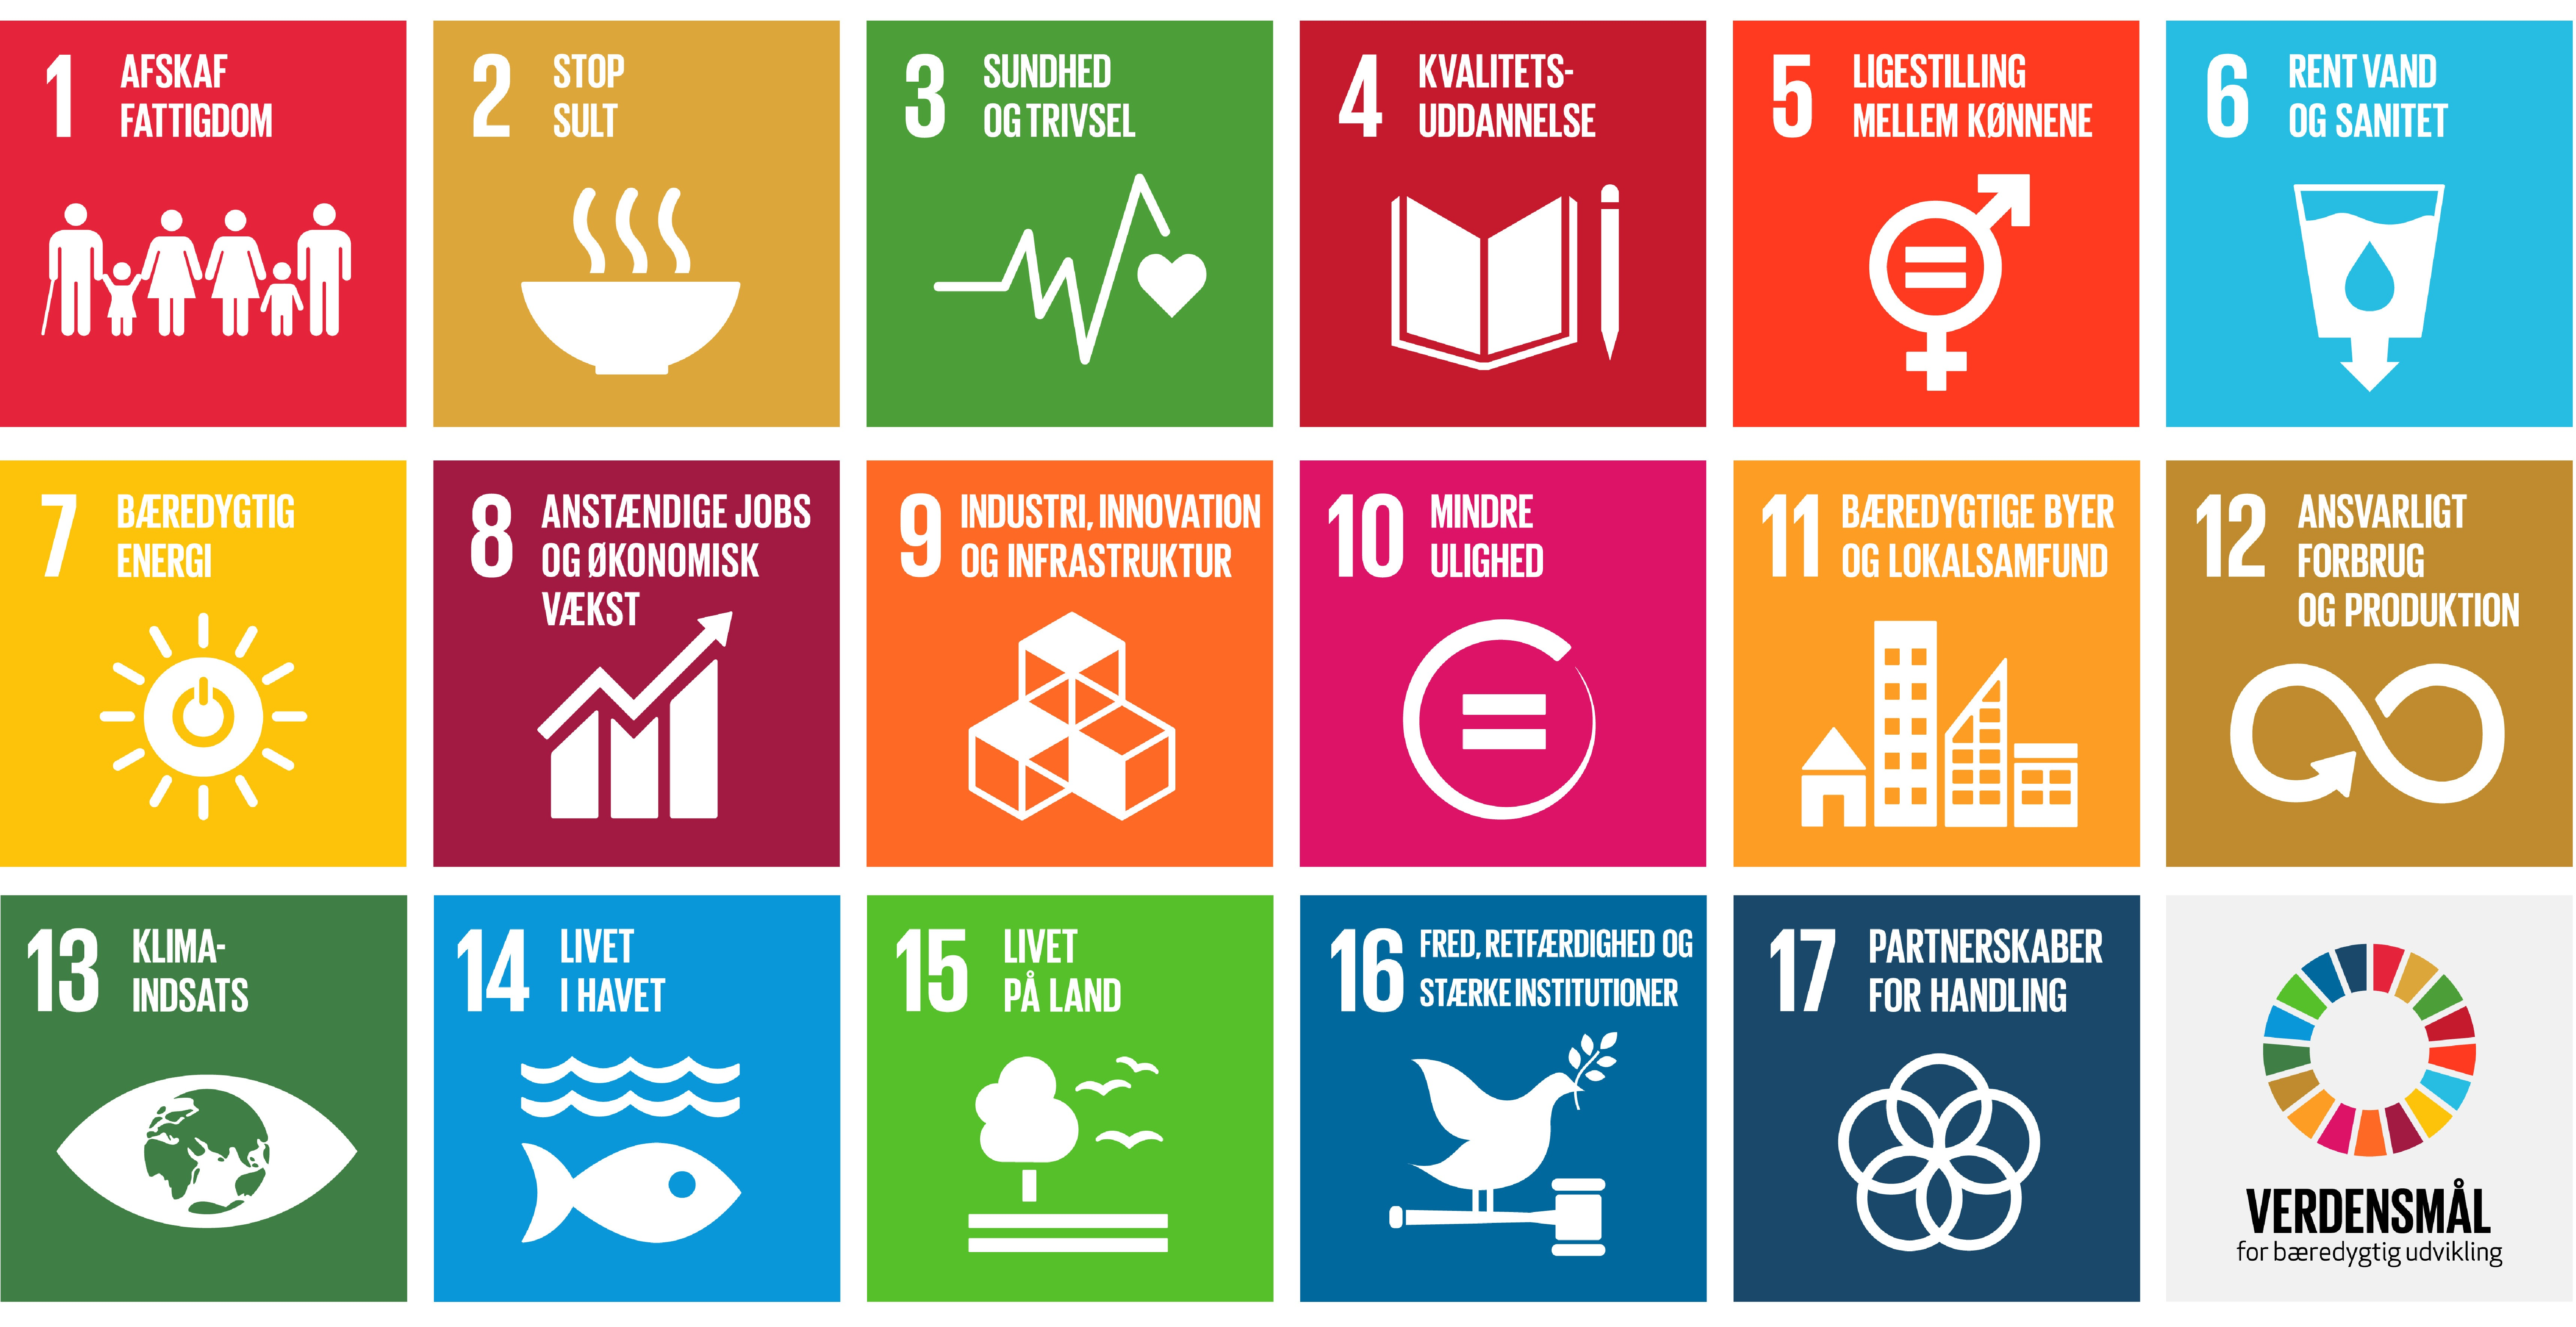 SDG - De 17 verdensmål